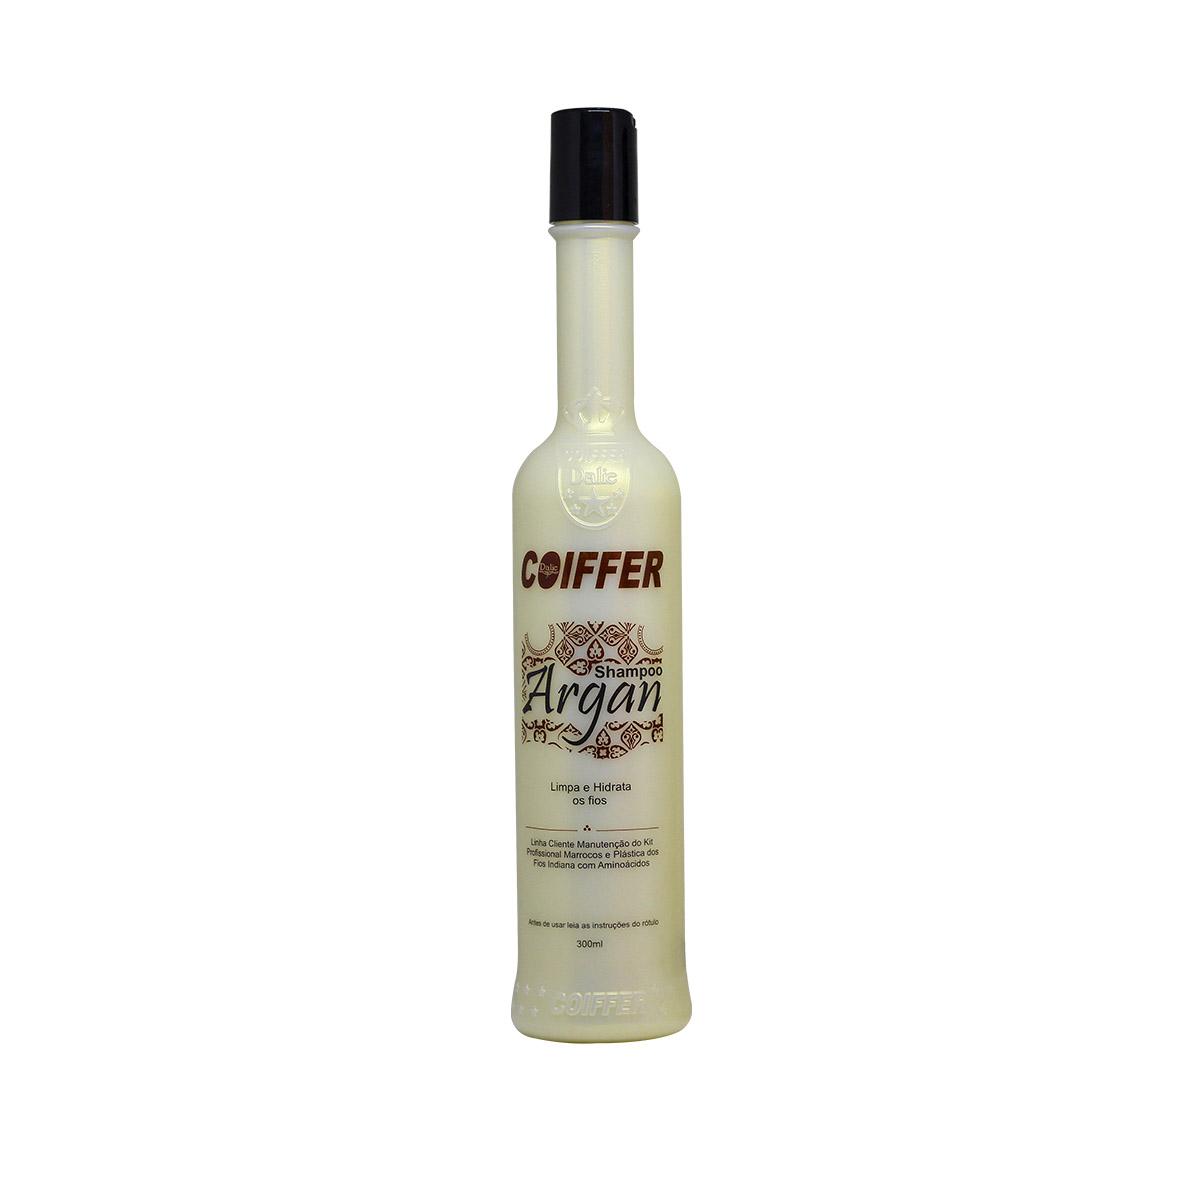 Shampoo para Cabelos  de Argan Coiffer 300ml